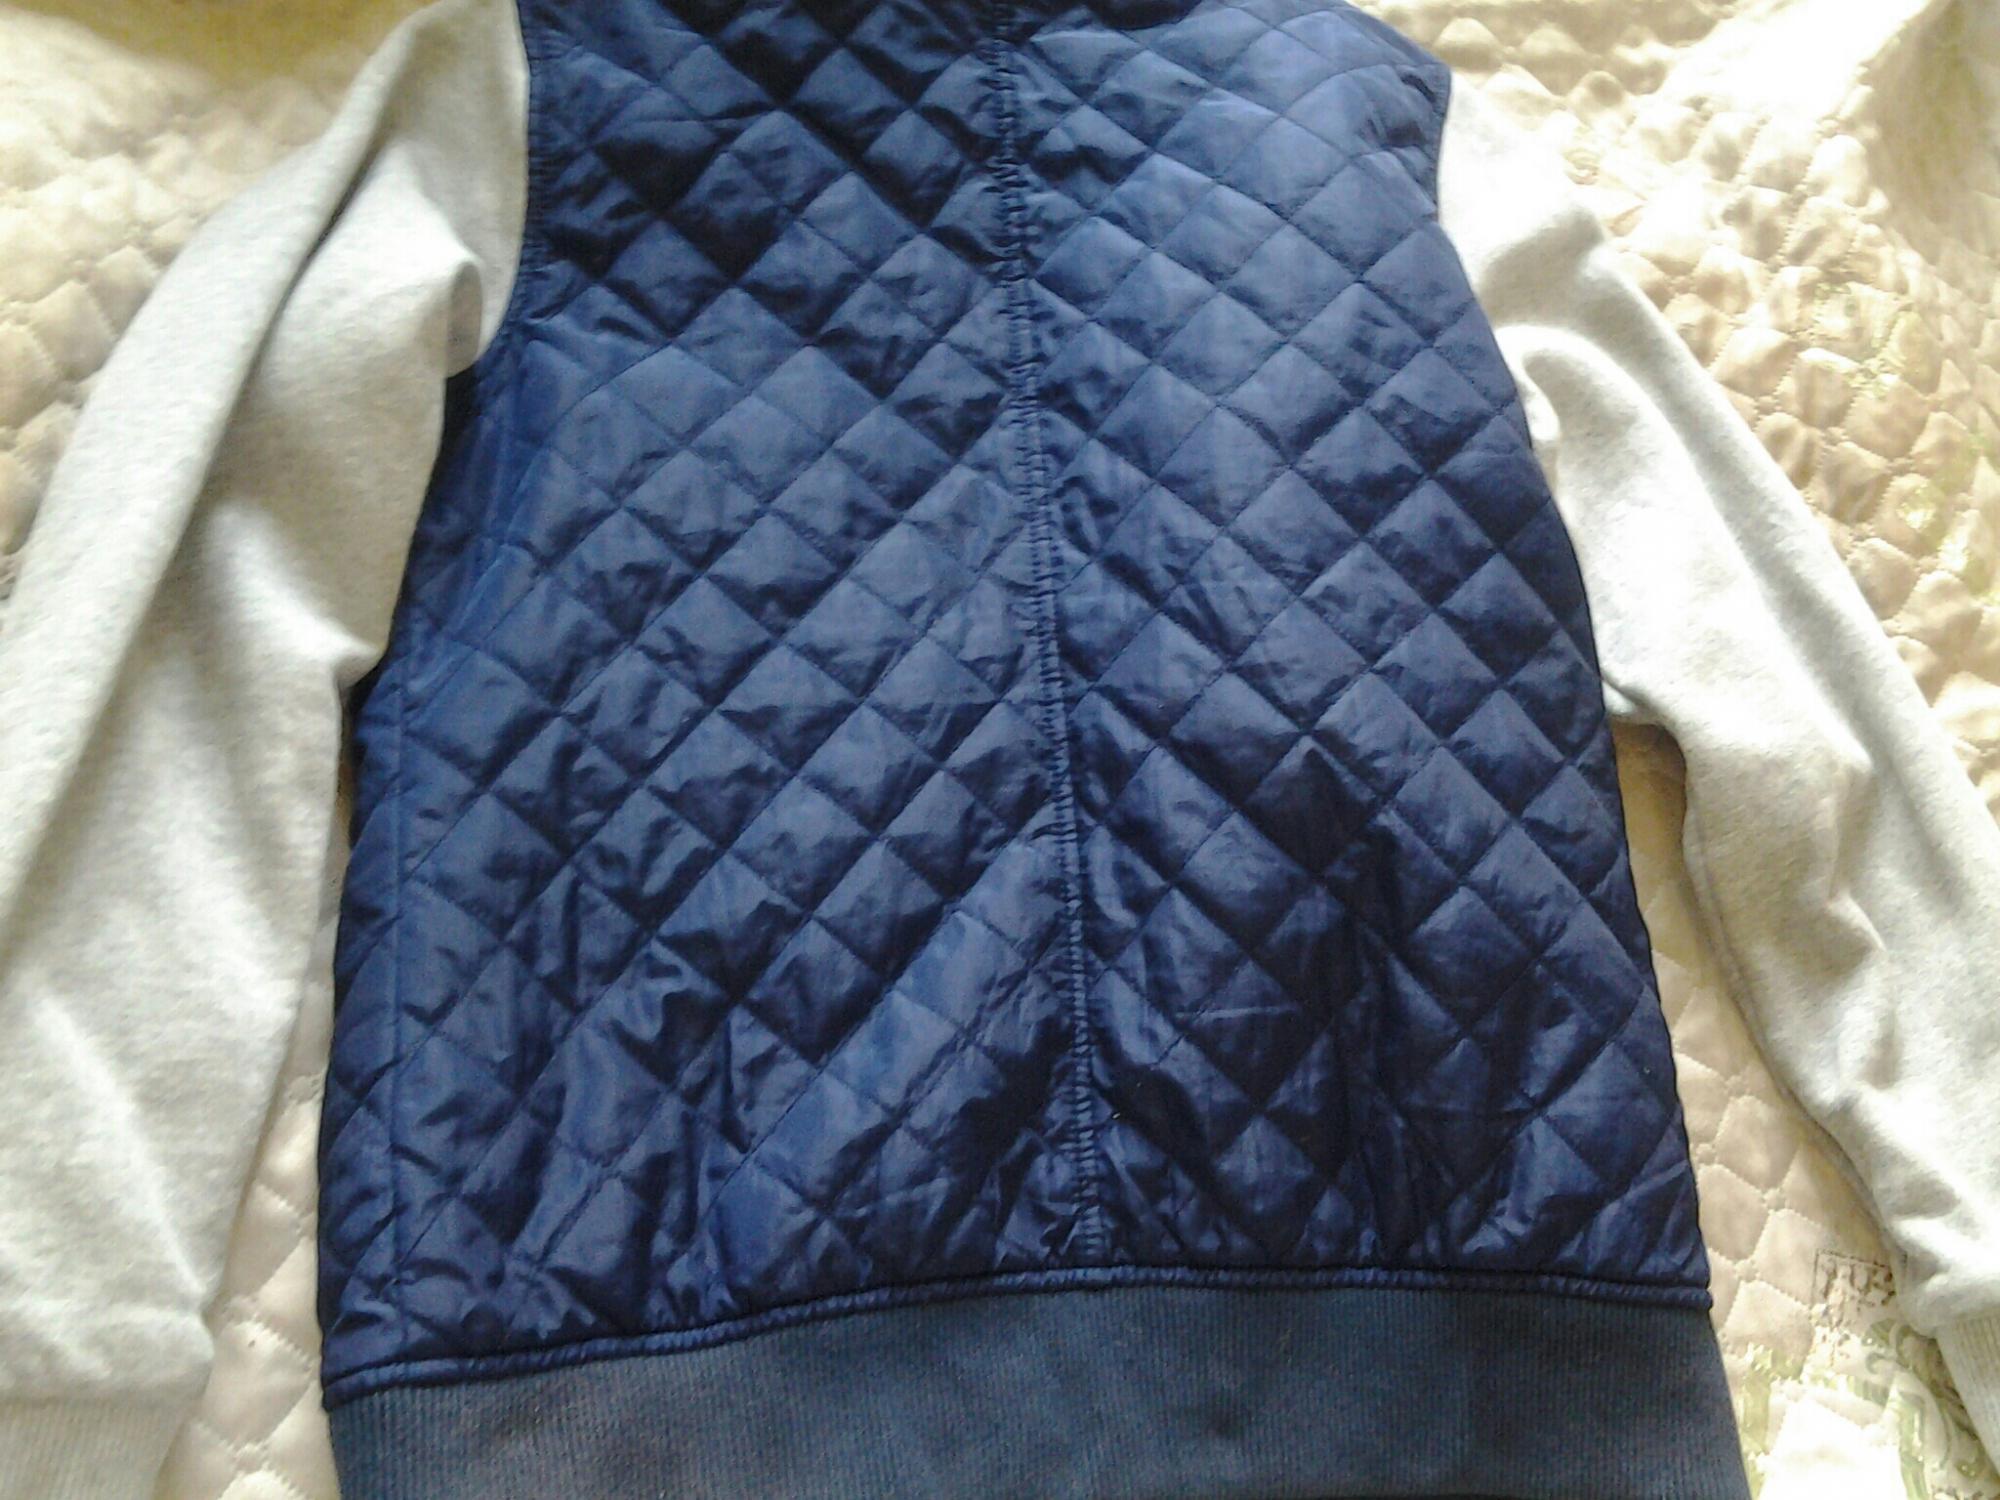 куртка муж М в Москве 89164909941 купить 3